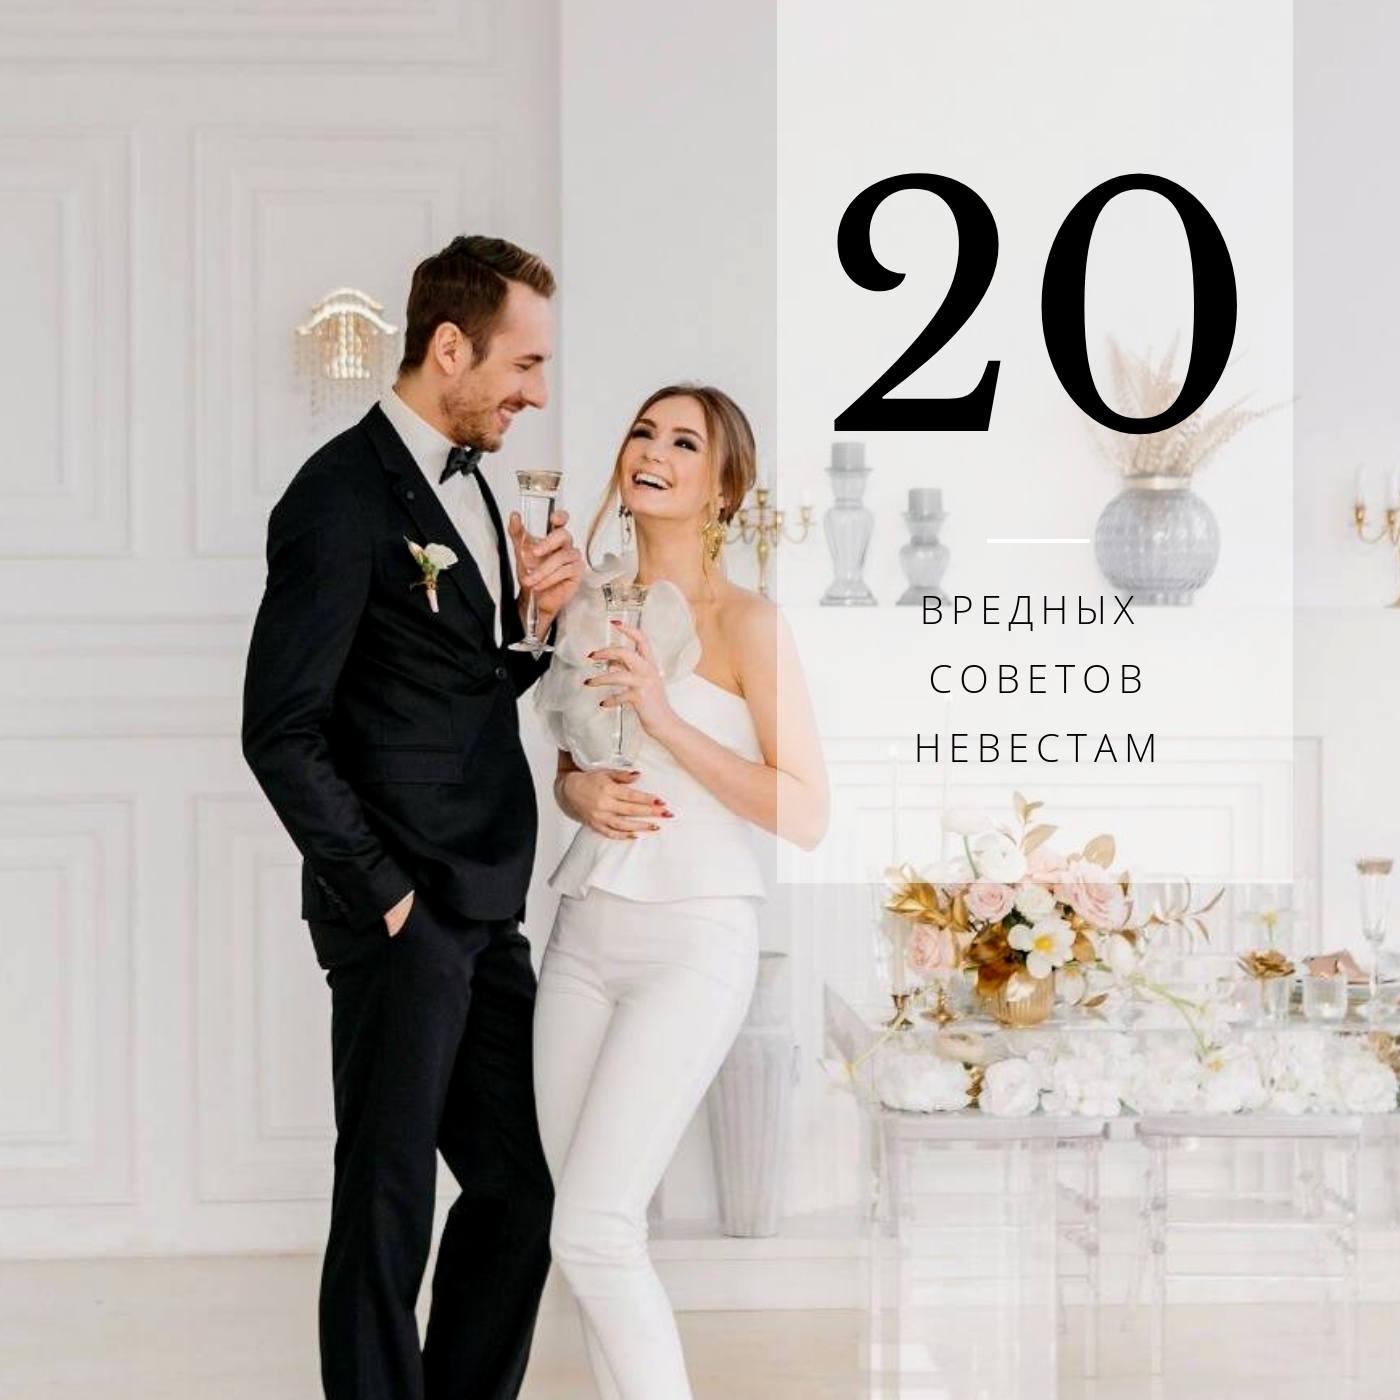 20 вредных советов невестам